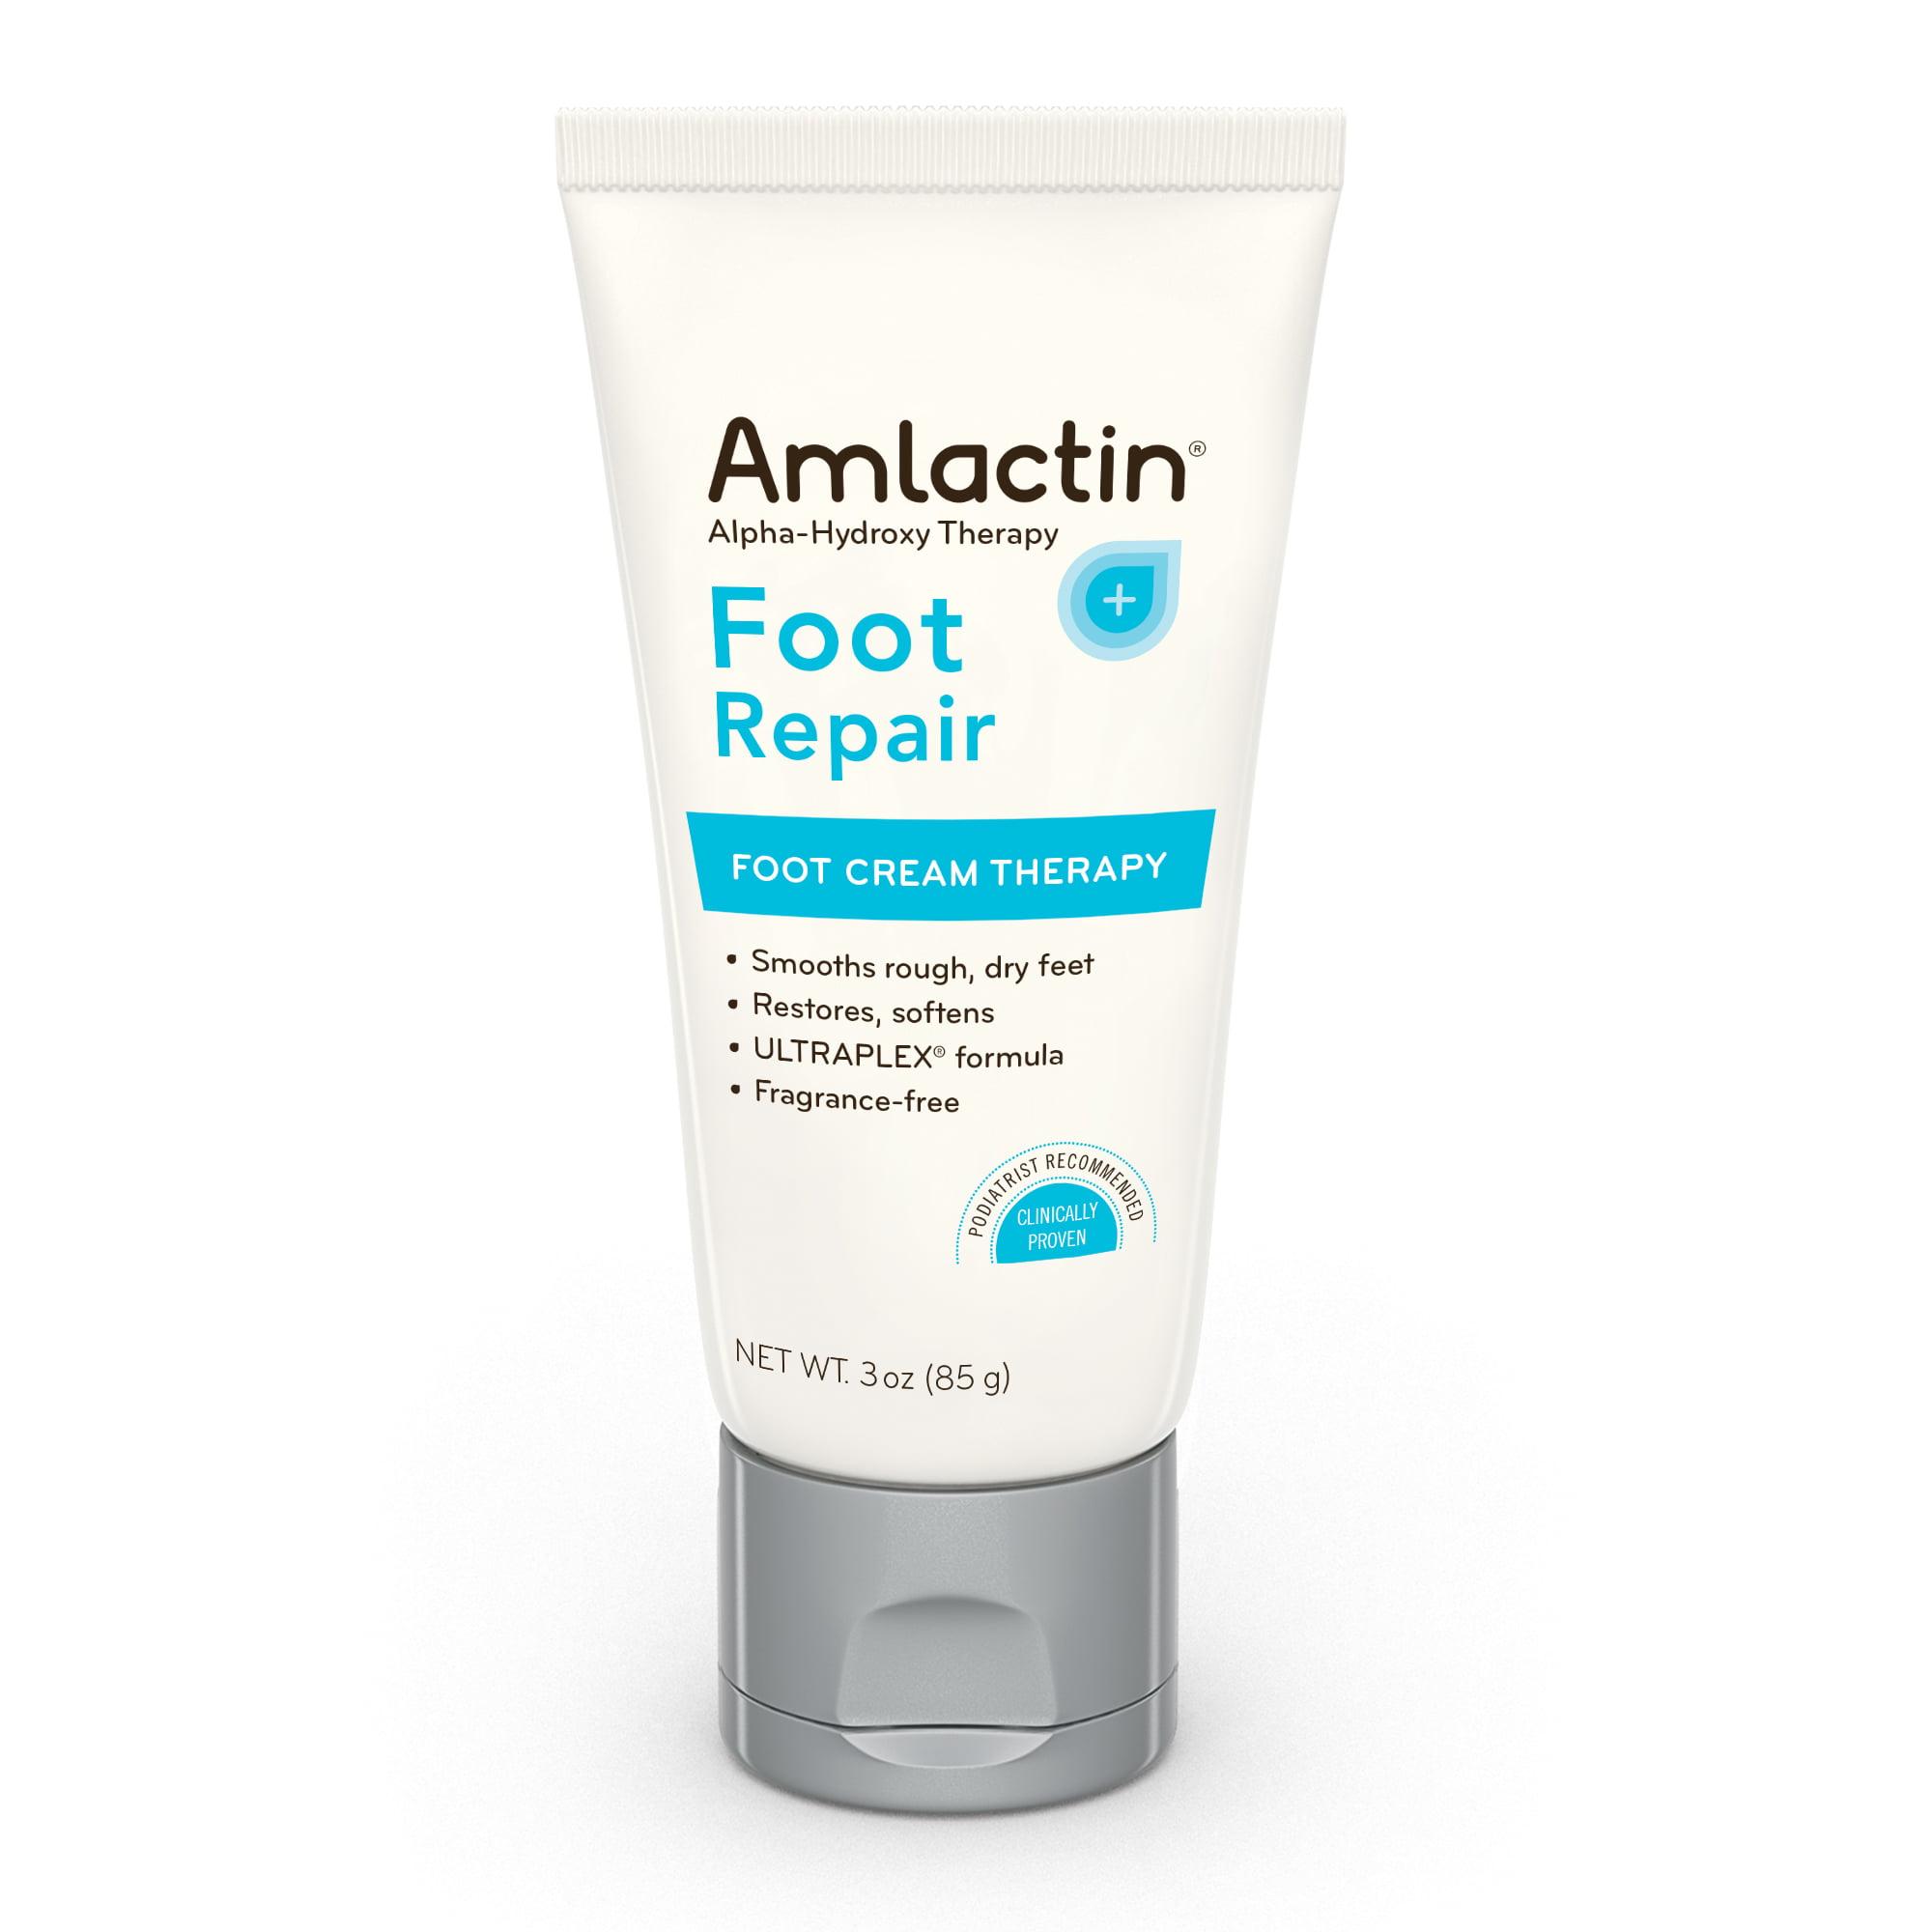 AmLactin Foot Repair Foot Cream Therapy AHA Cream, 3 Ounce Tube